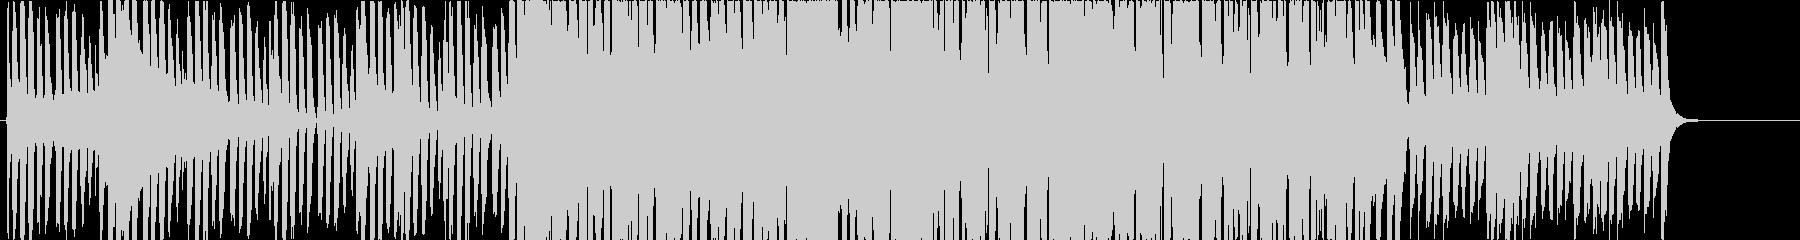 明暗差のあるお洒落なエレクトリックジャズの未再生の波形